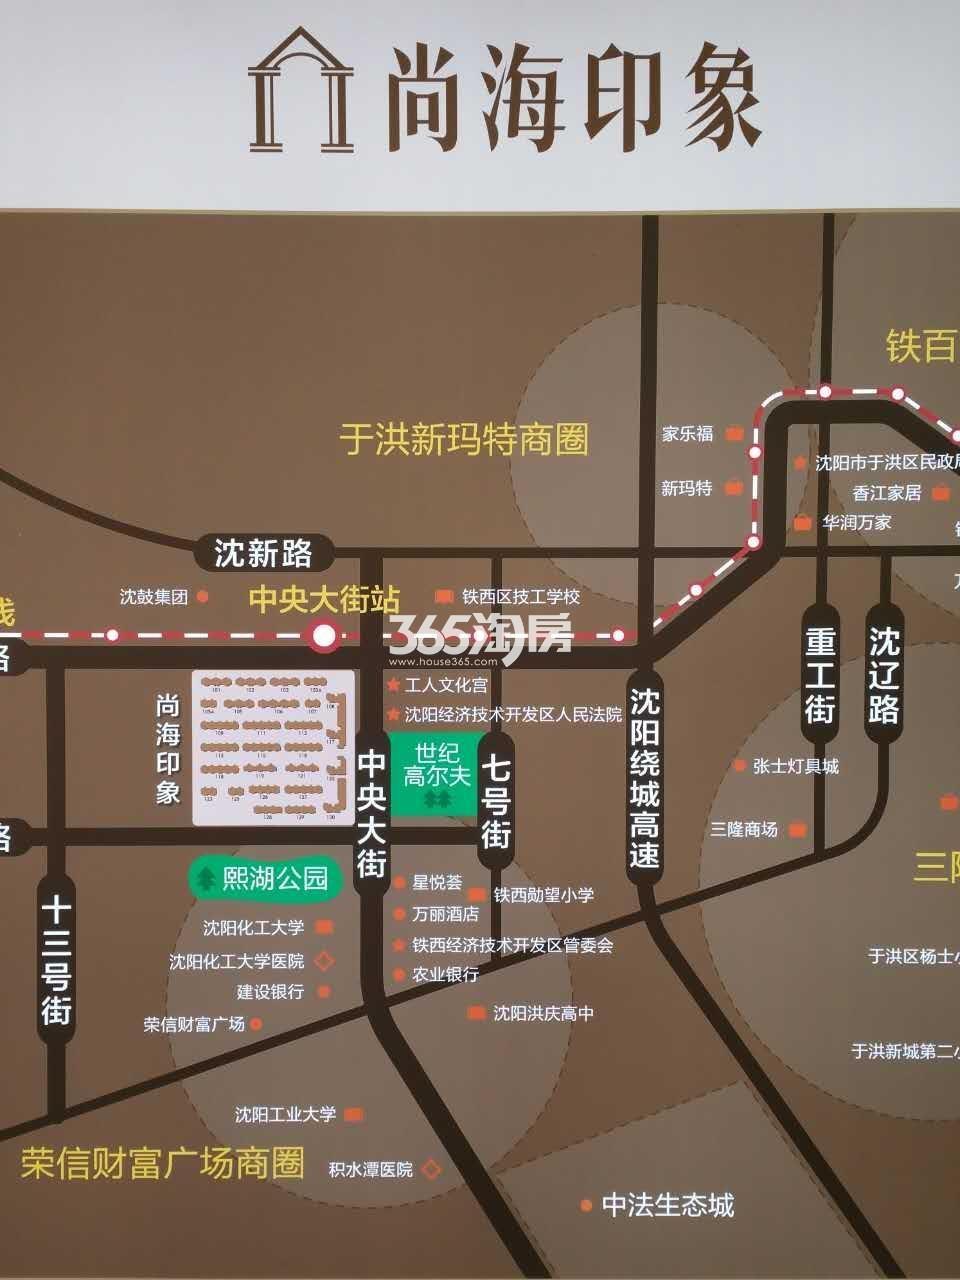 尚海印象交通图